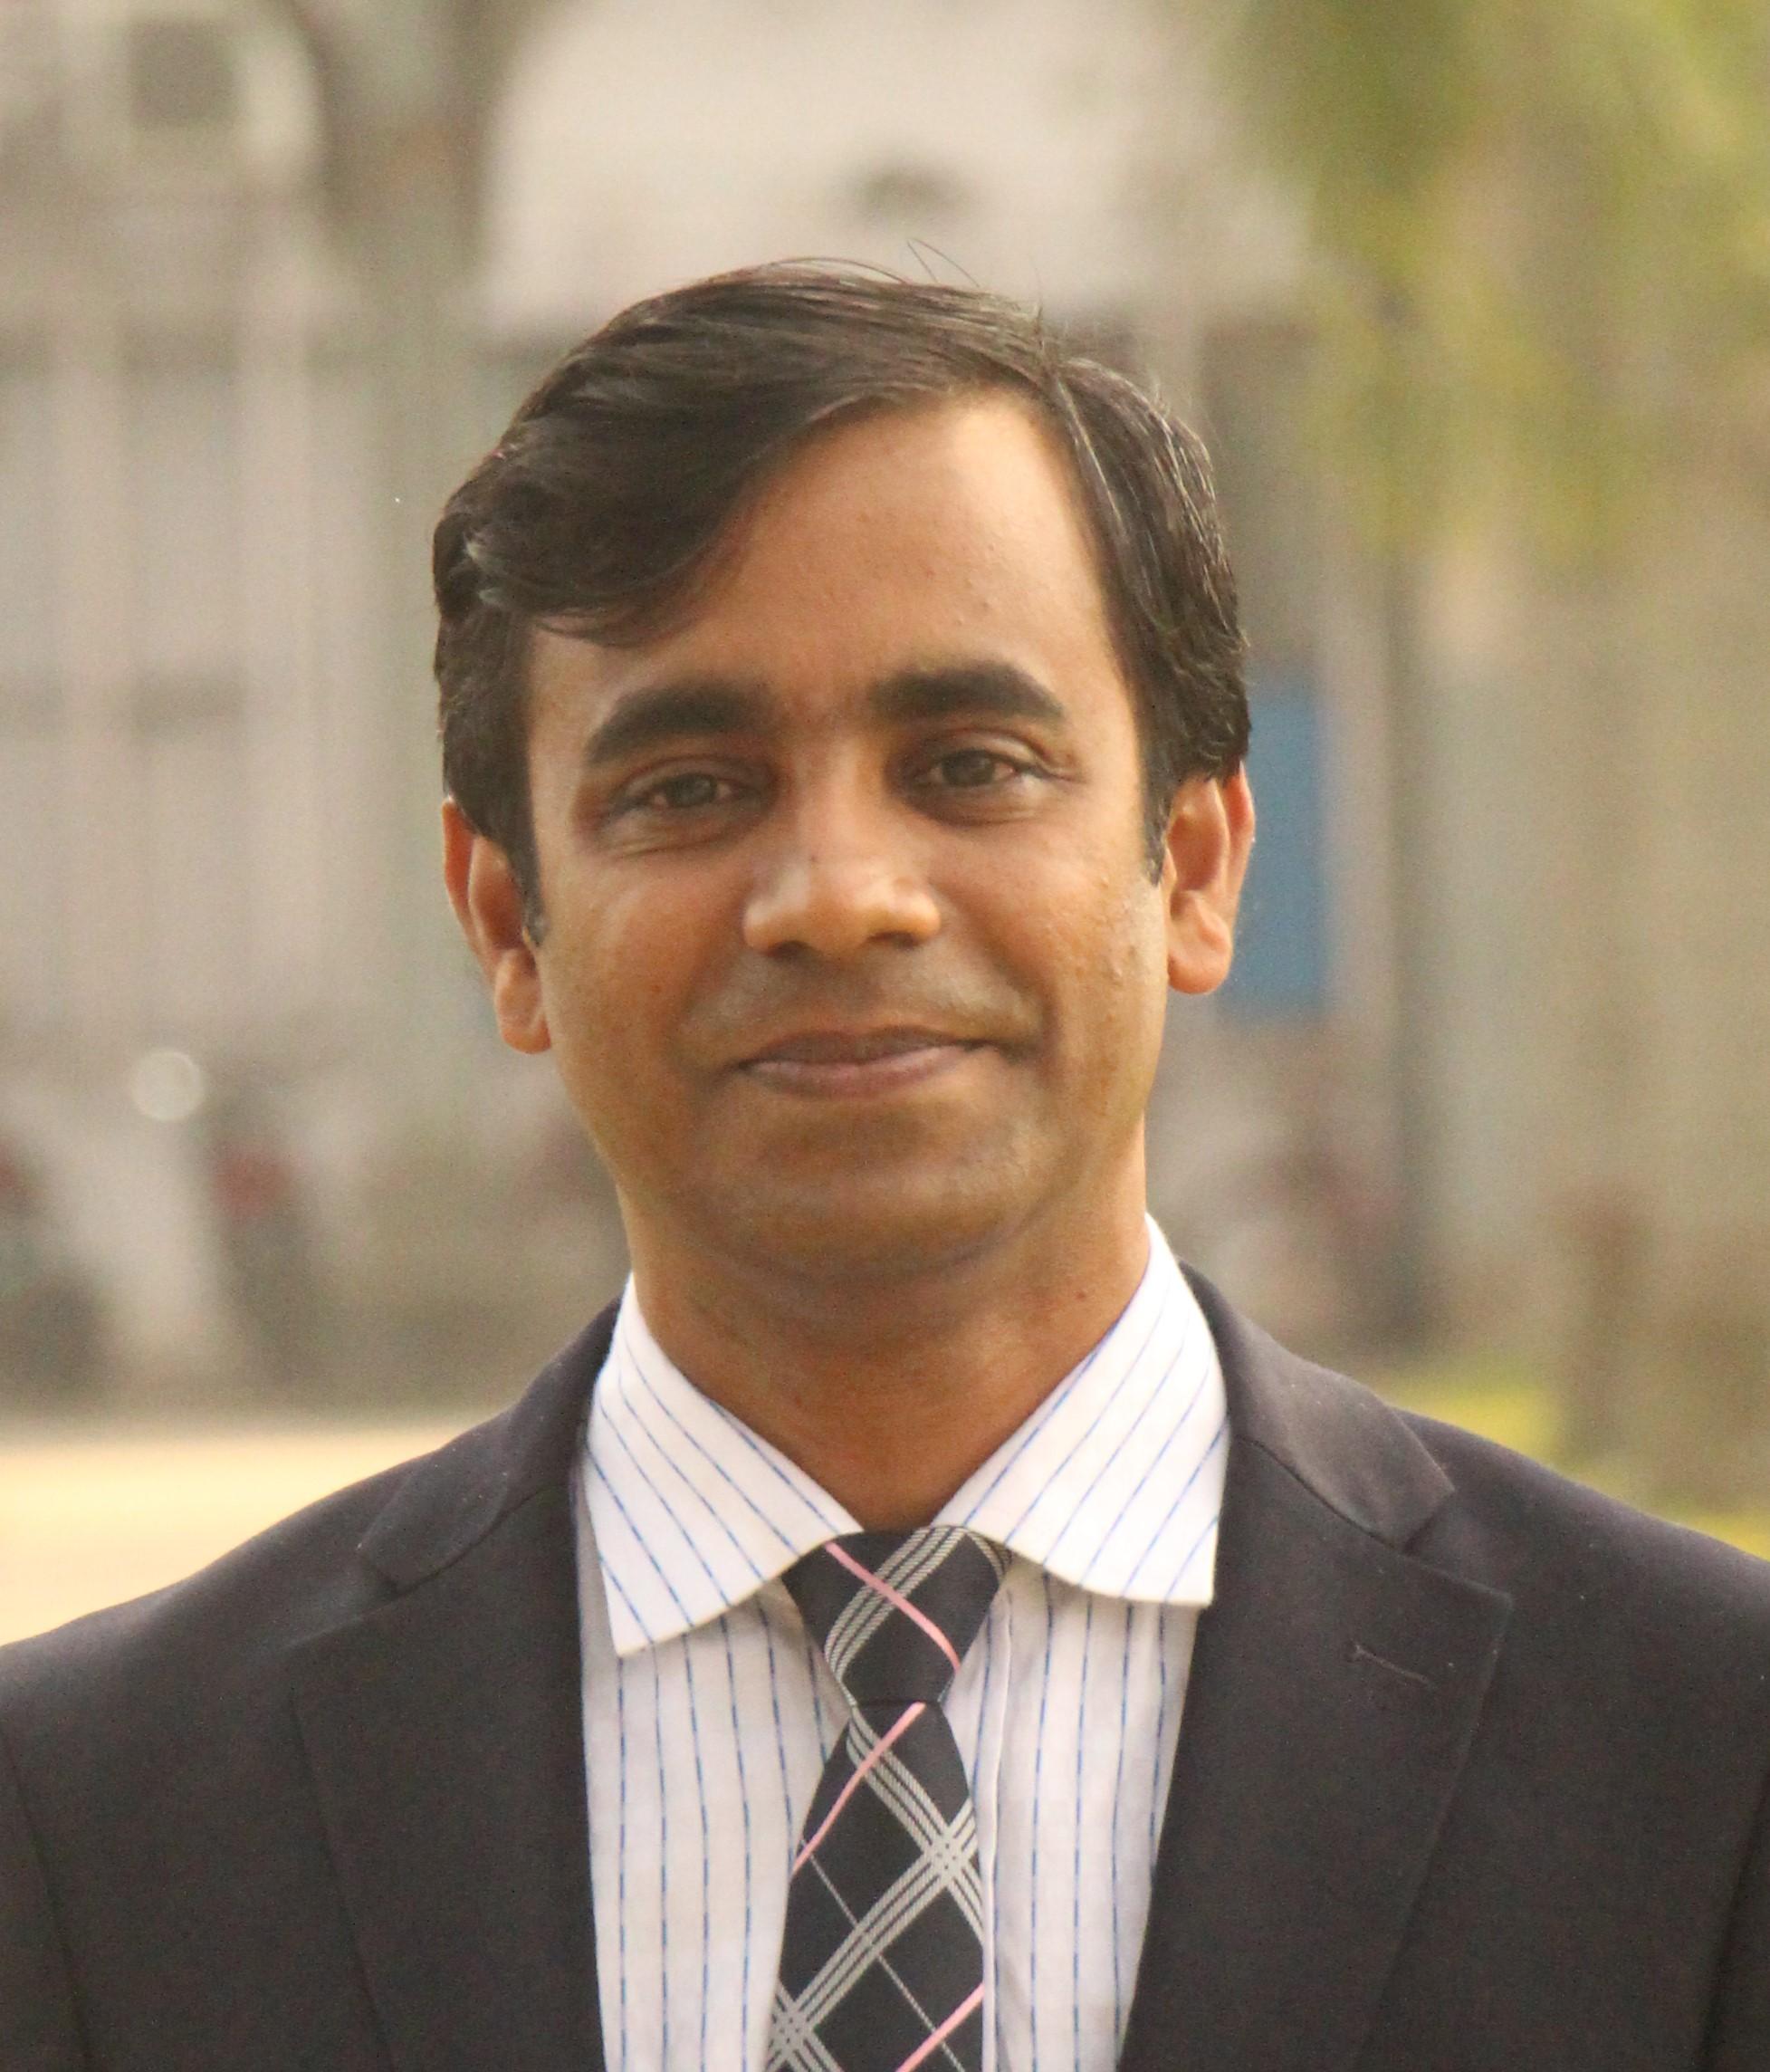 Dr. Mahbubul Pratik Siddique